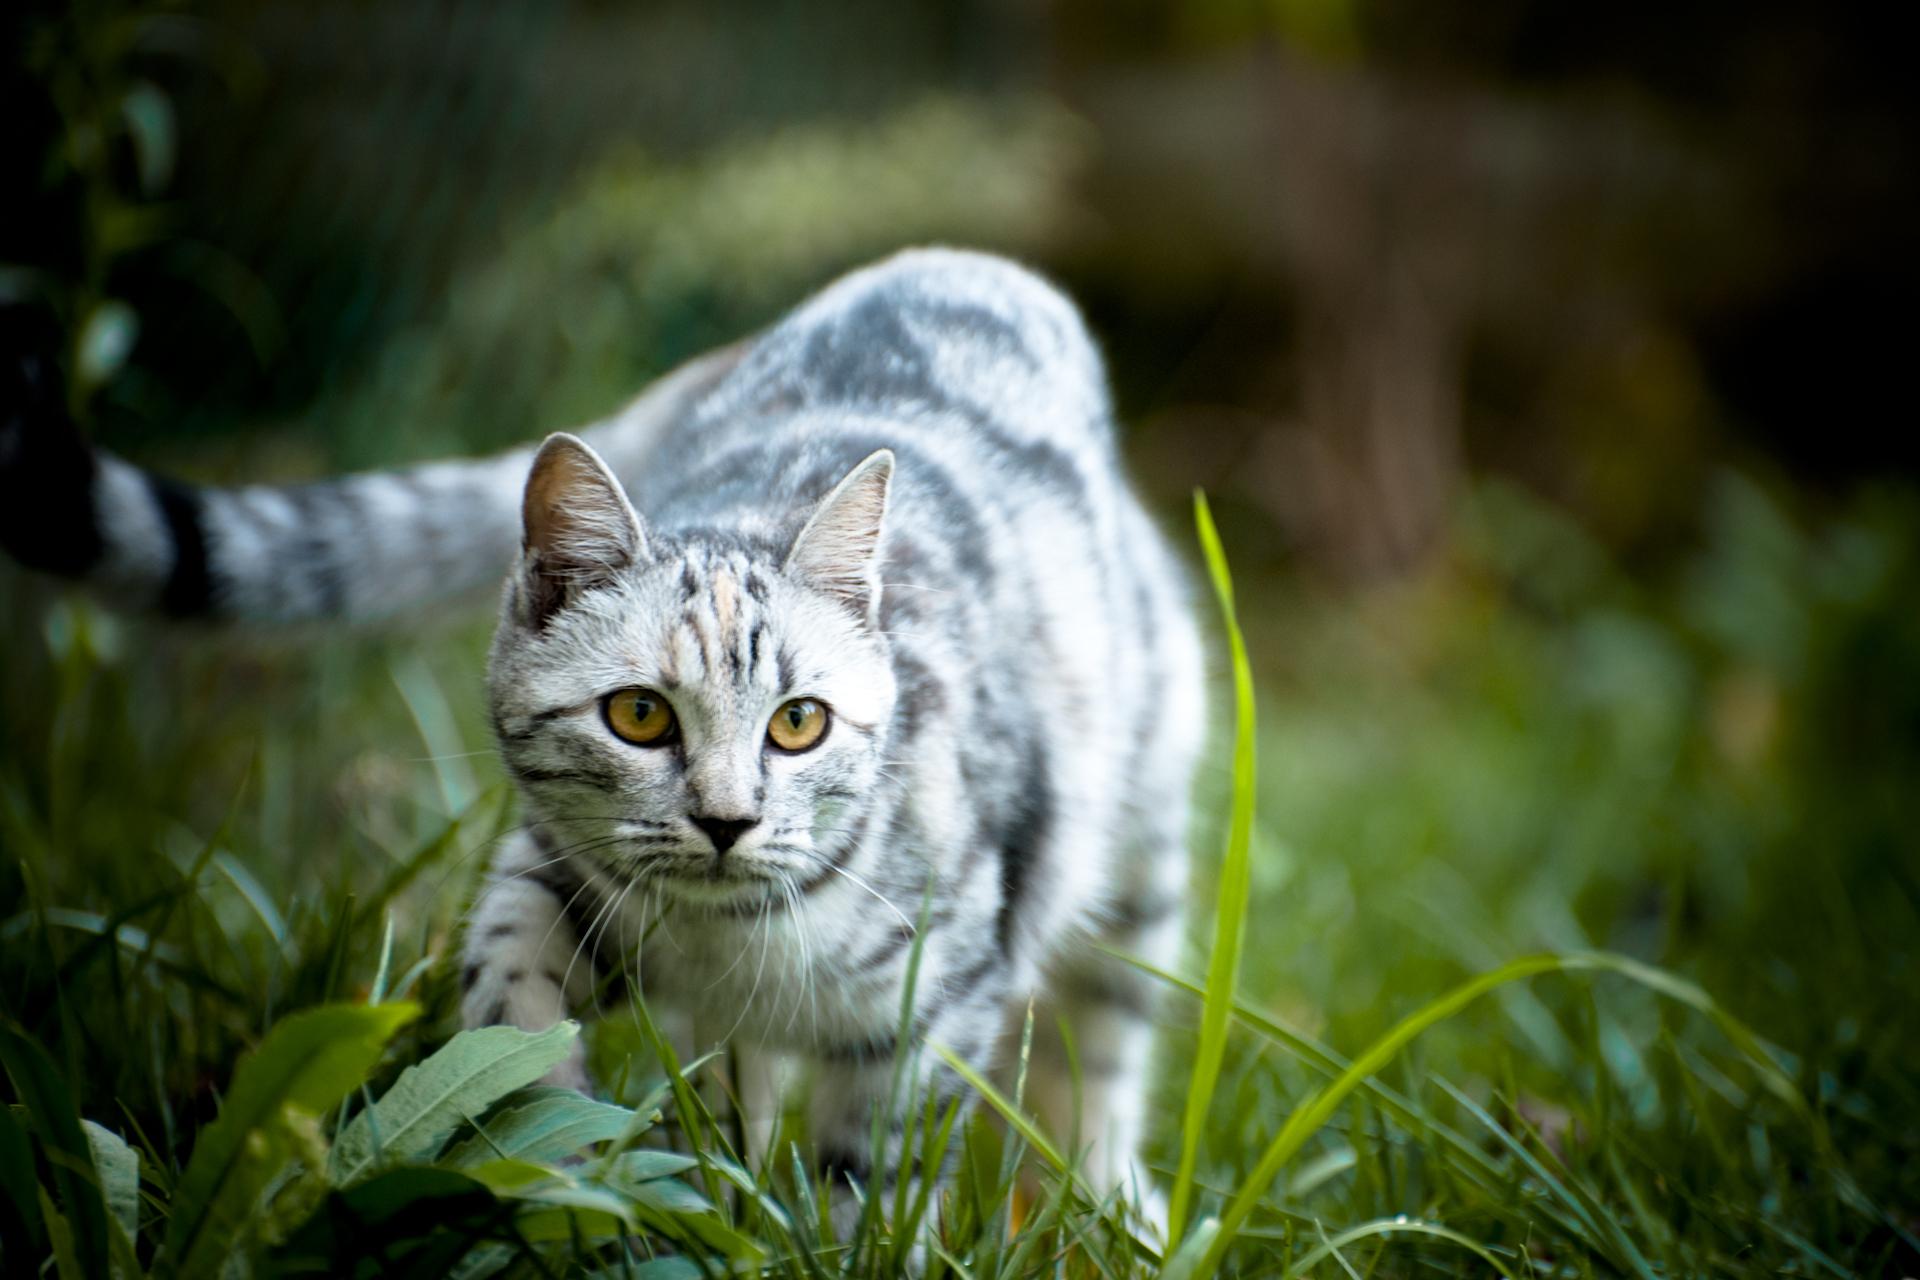 Дымчатый кот в траве  № 252493 бесплатно